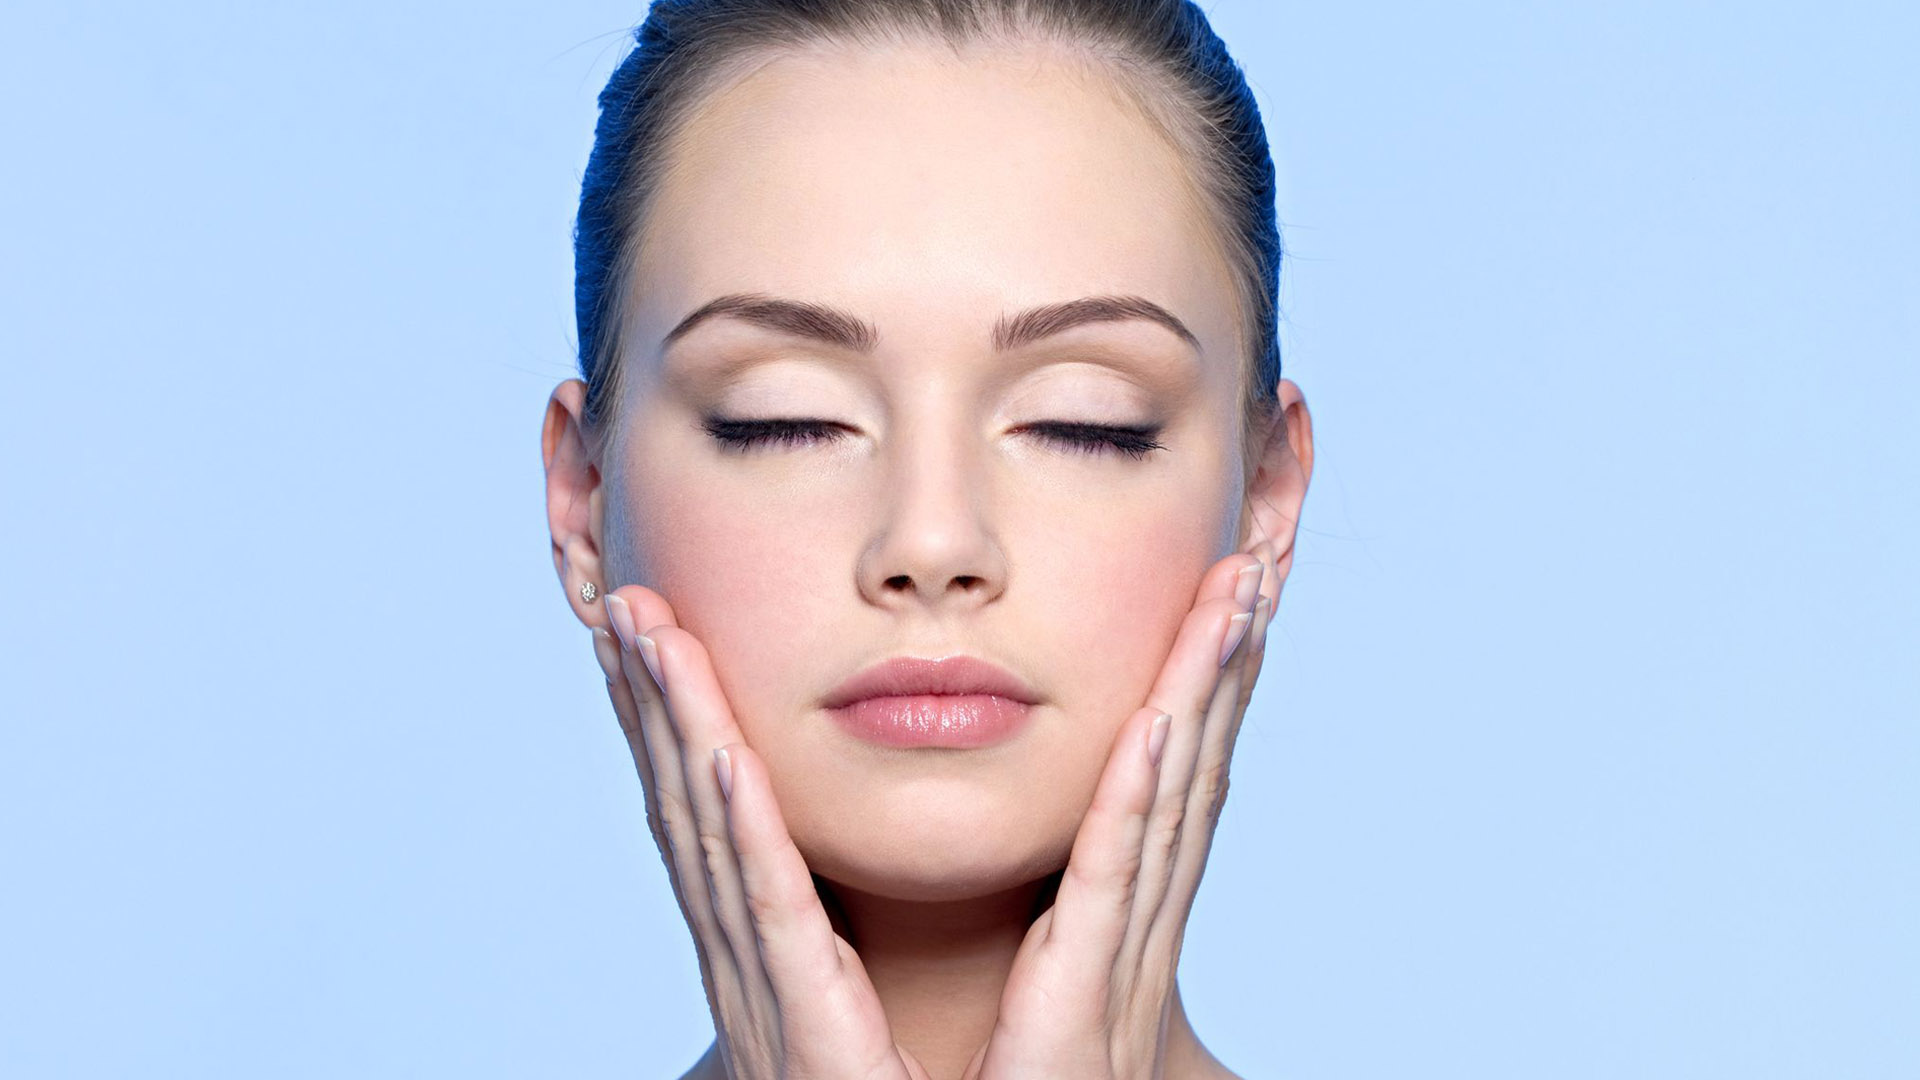 Una dieta balanceada es más eficiente que las cremas, maquillajes y tratamientos faciales usados con frecuencia para combatir las afecciones del rostro